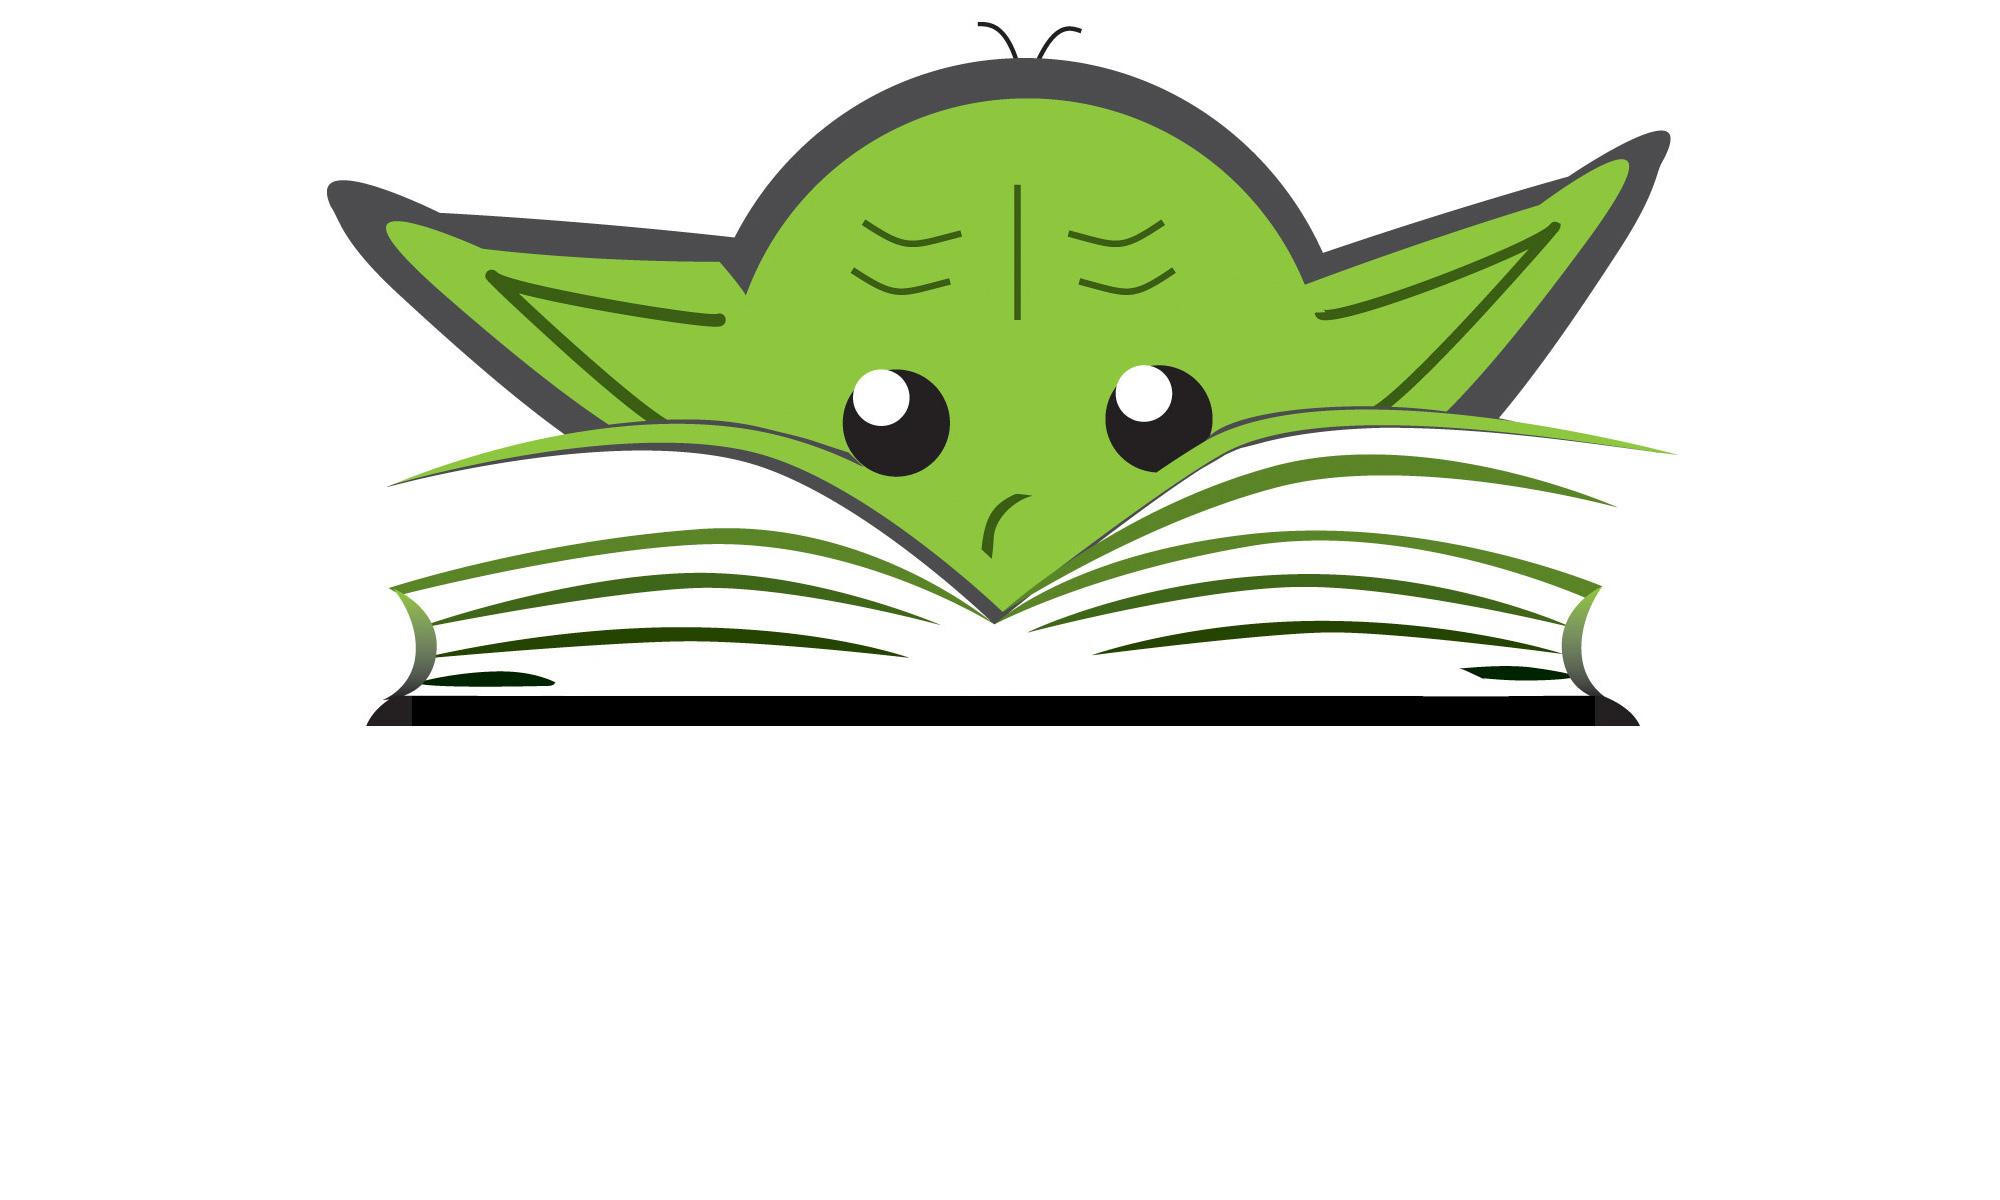 Star Wars clipart yoda Star Cliparts Clipart collection Yoda